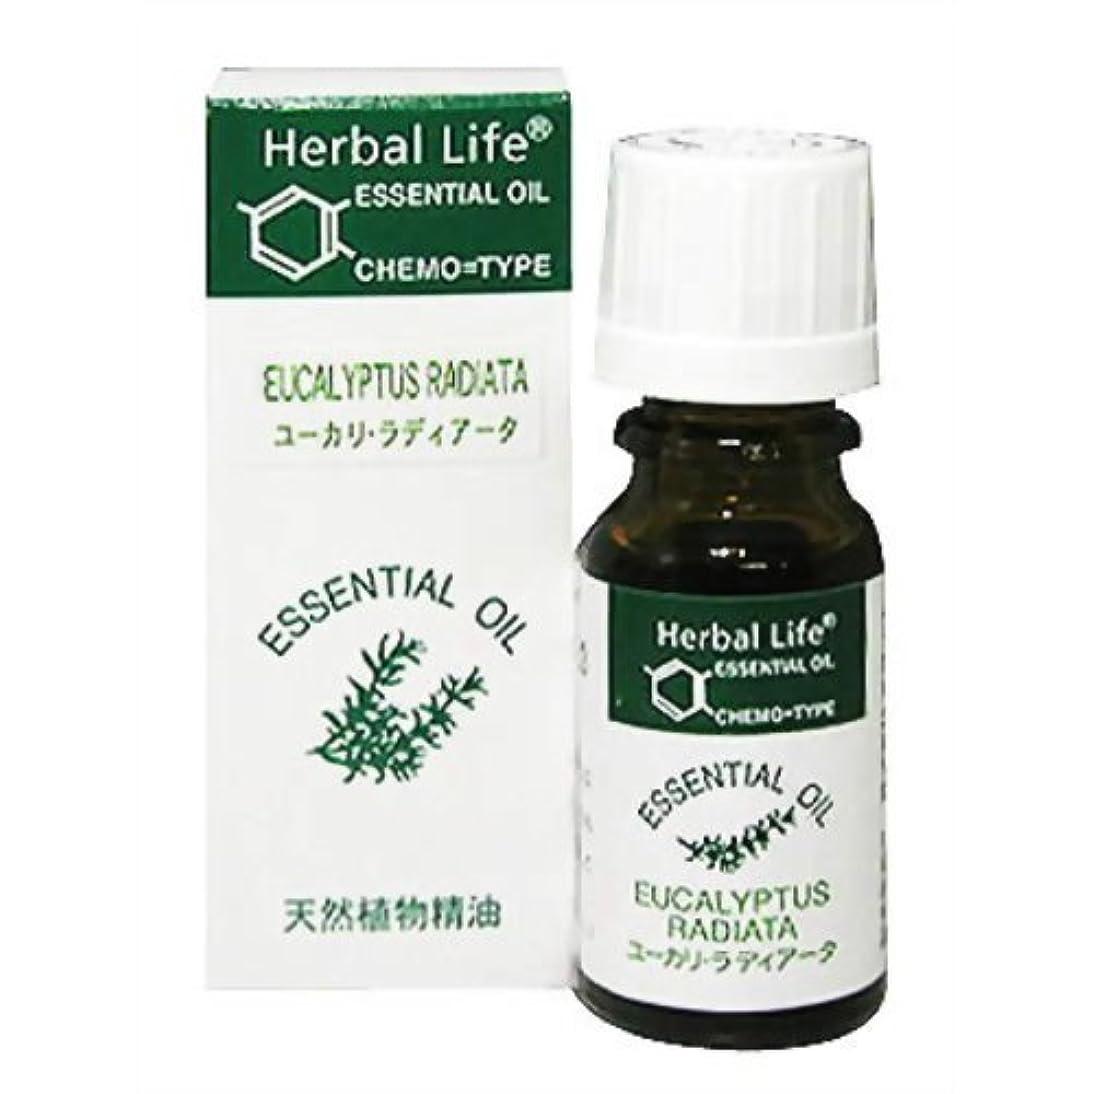 デザイナー相談胚Herbal Life ユーカリ?ラディアータ 10ml